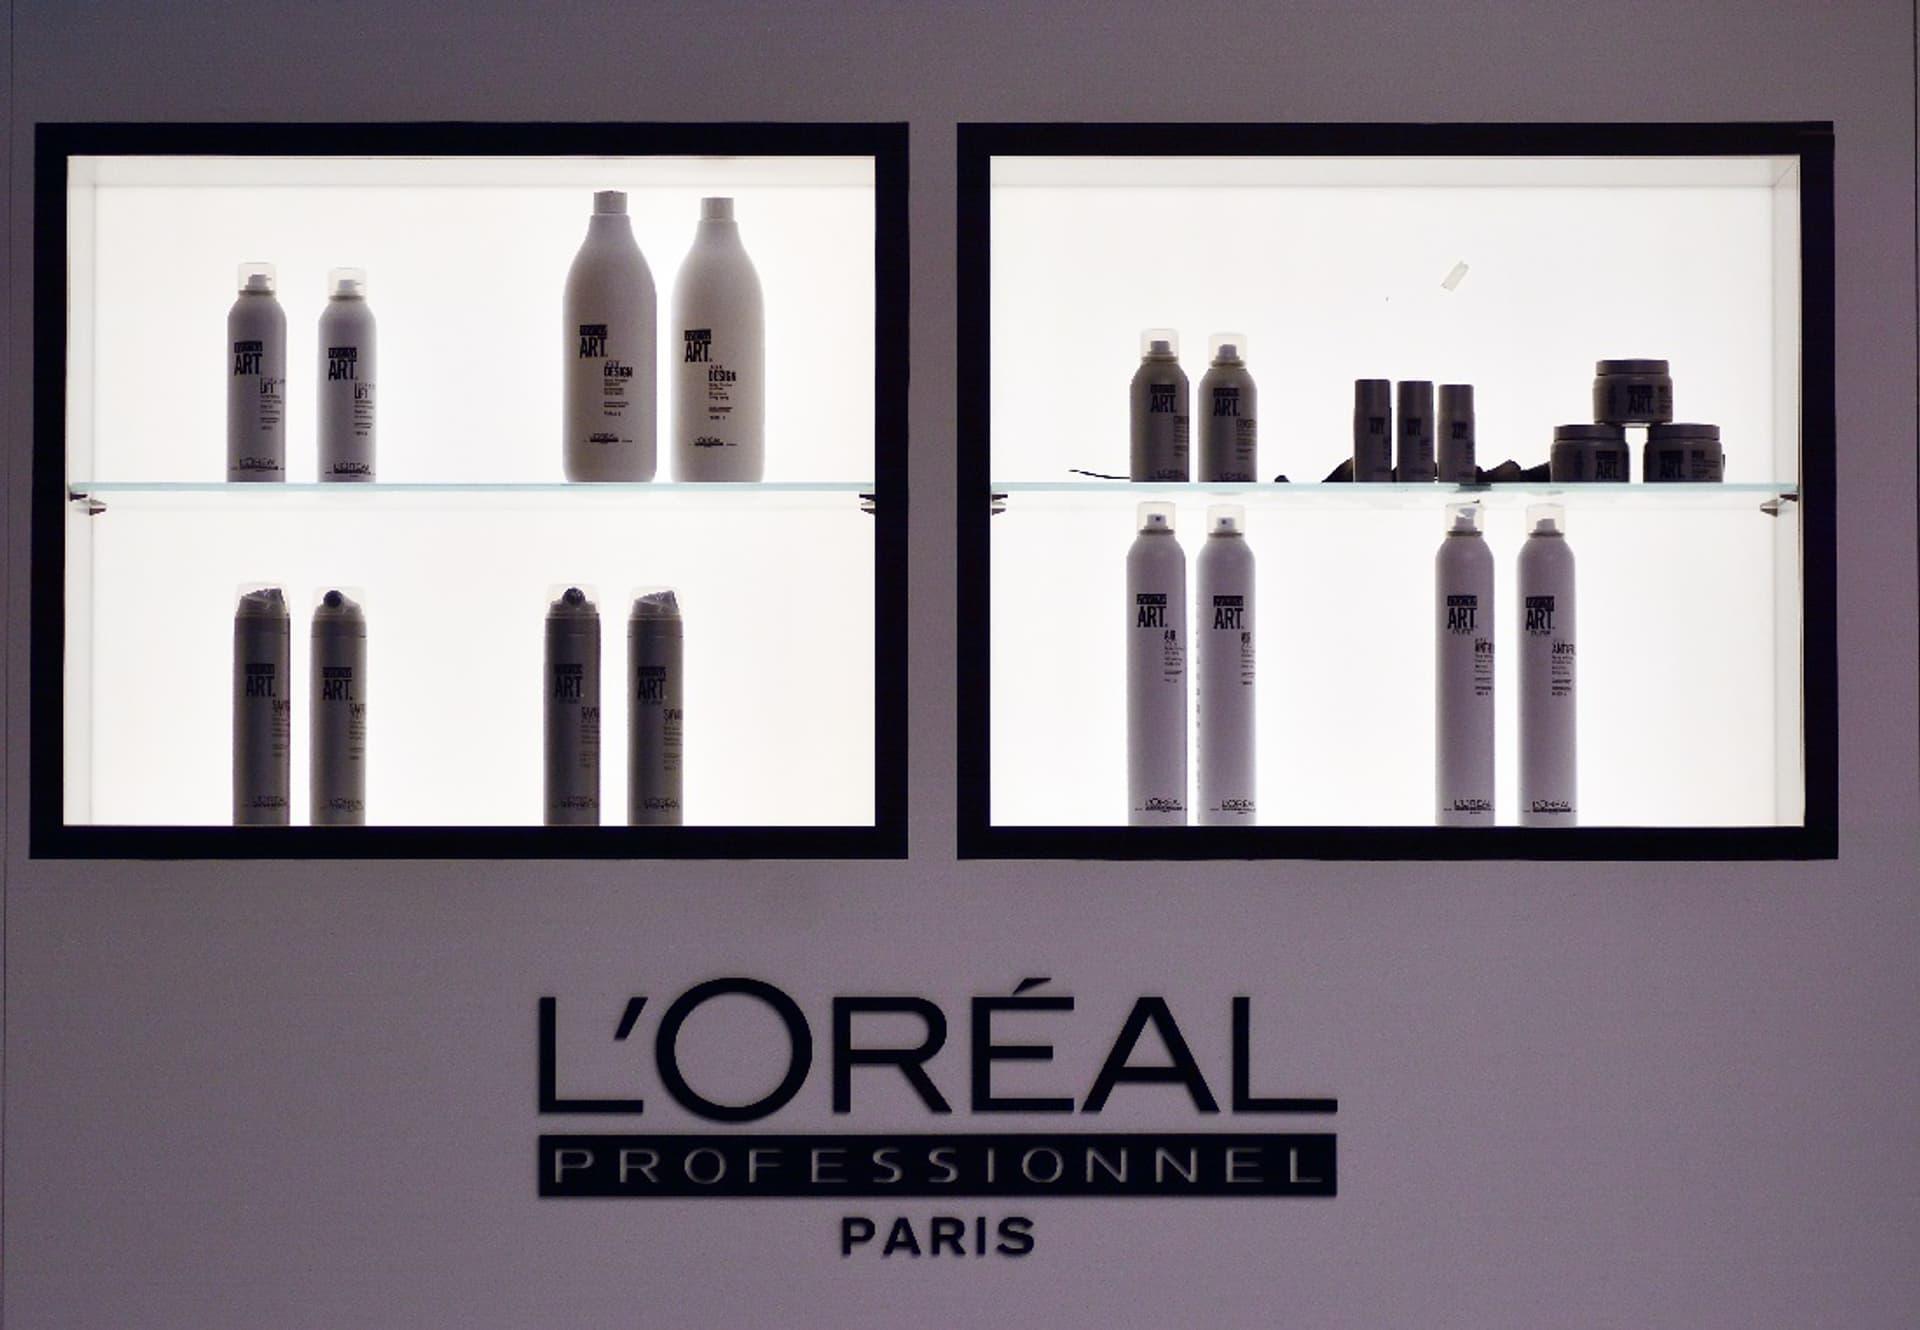 L'Oreal als Eigentümer von Logocos ist offenbar vielen Bioläden ein Dorn im Auge